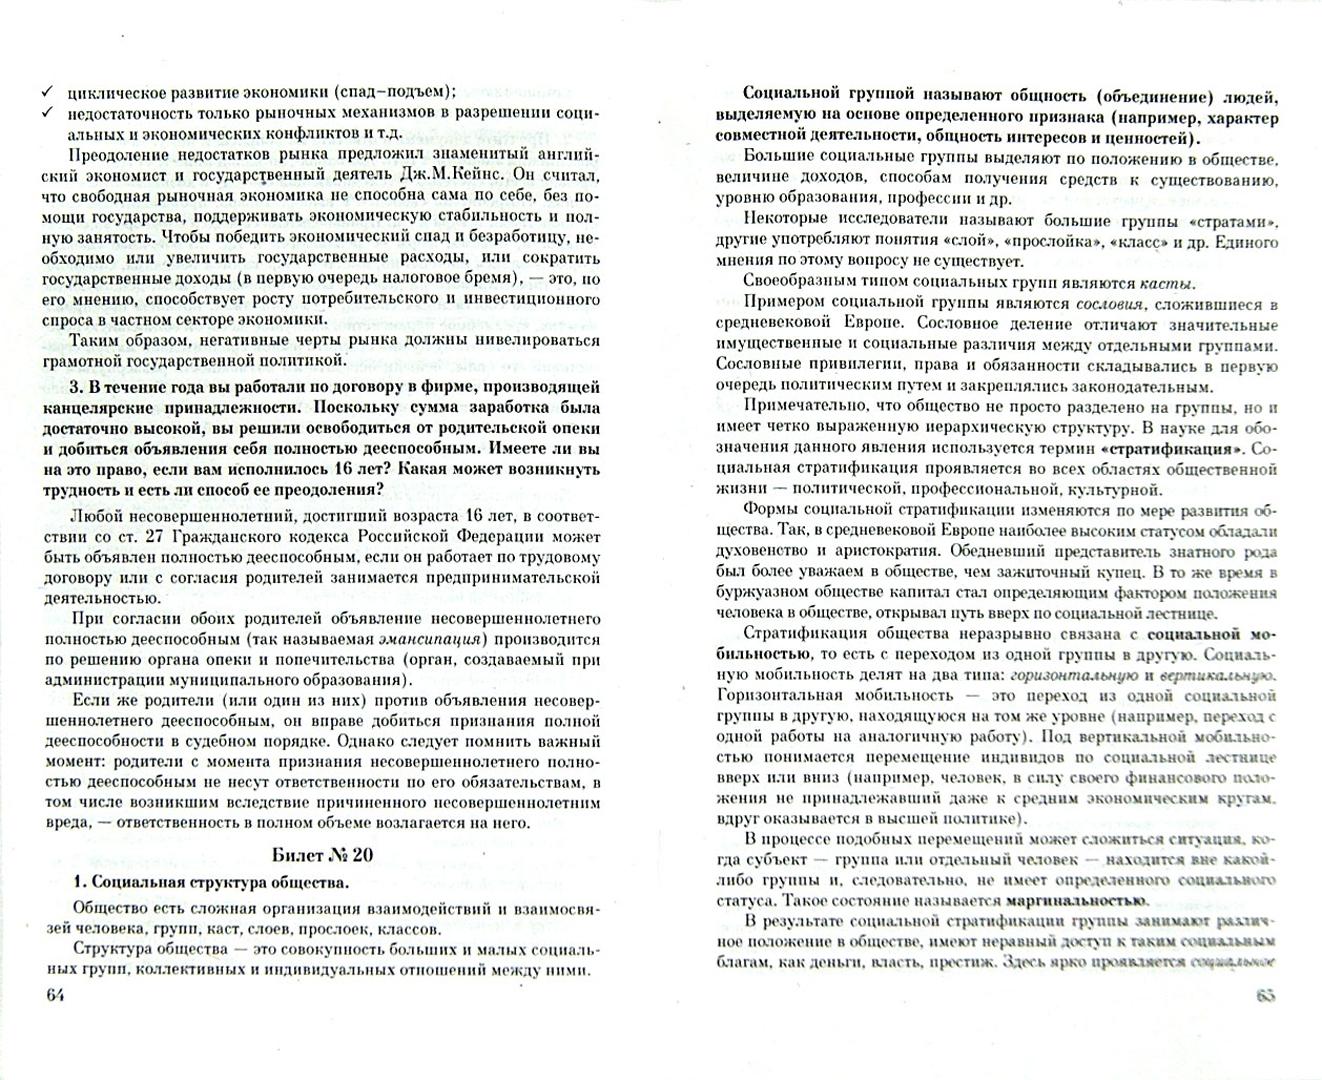 Иллюстрация 1 из 7 для Обществознание. 9 класс. Ответы на экзаменационные билеты - Светлана Краюшкина | Лабиринт - книги. Источник: Лабиринт